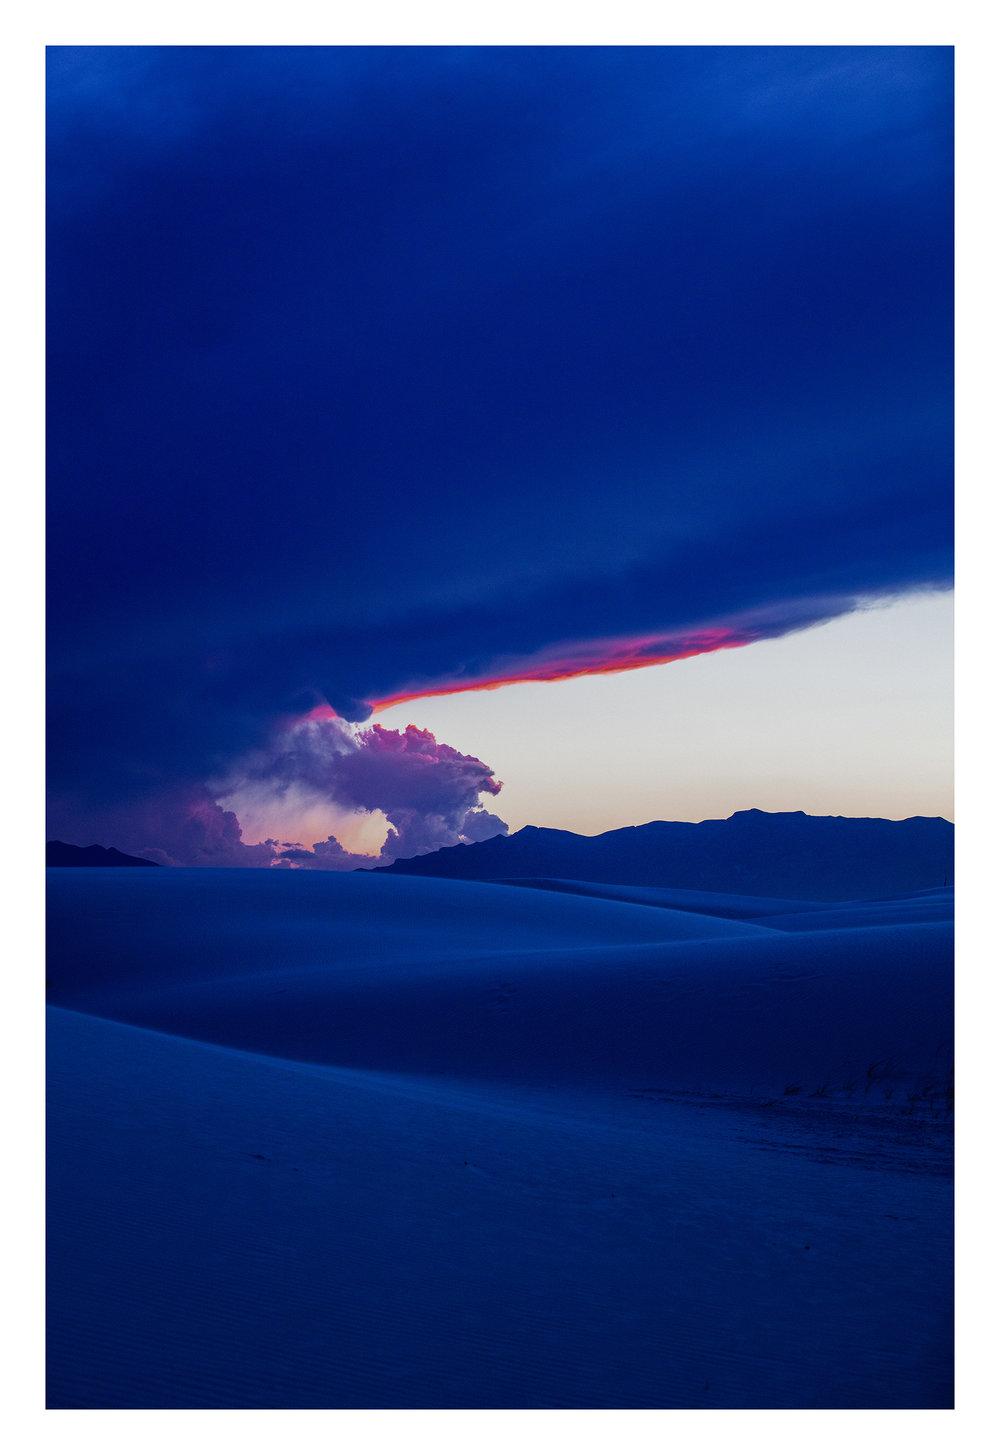 whitesands-00095.jpg